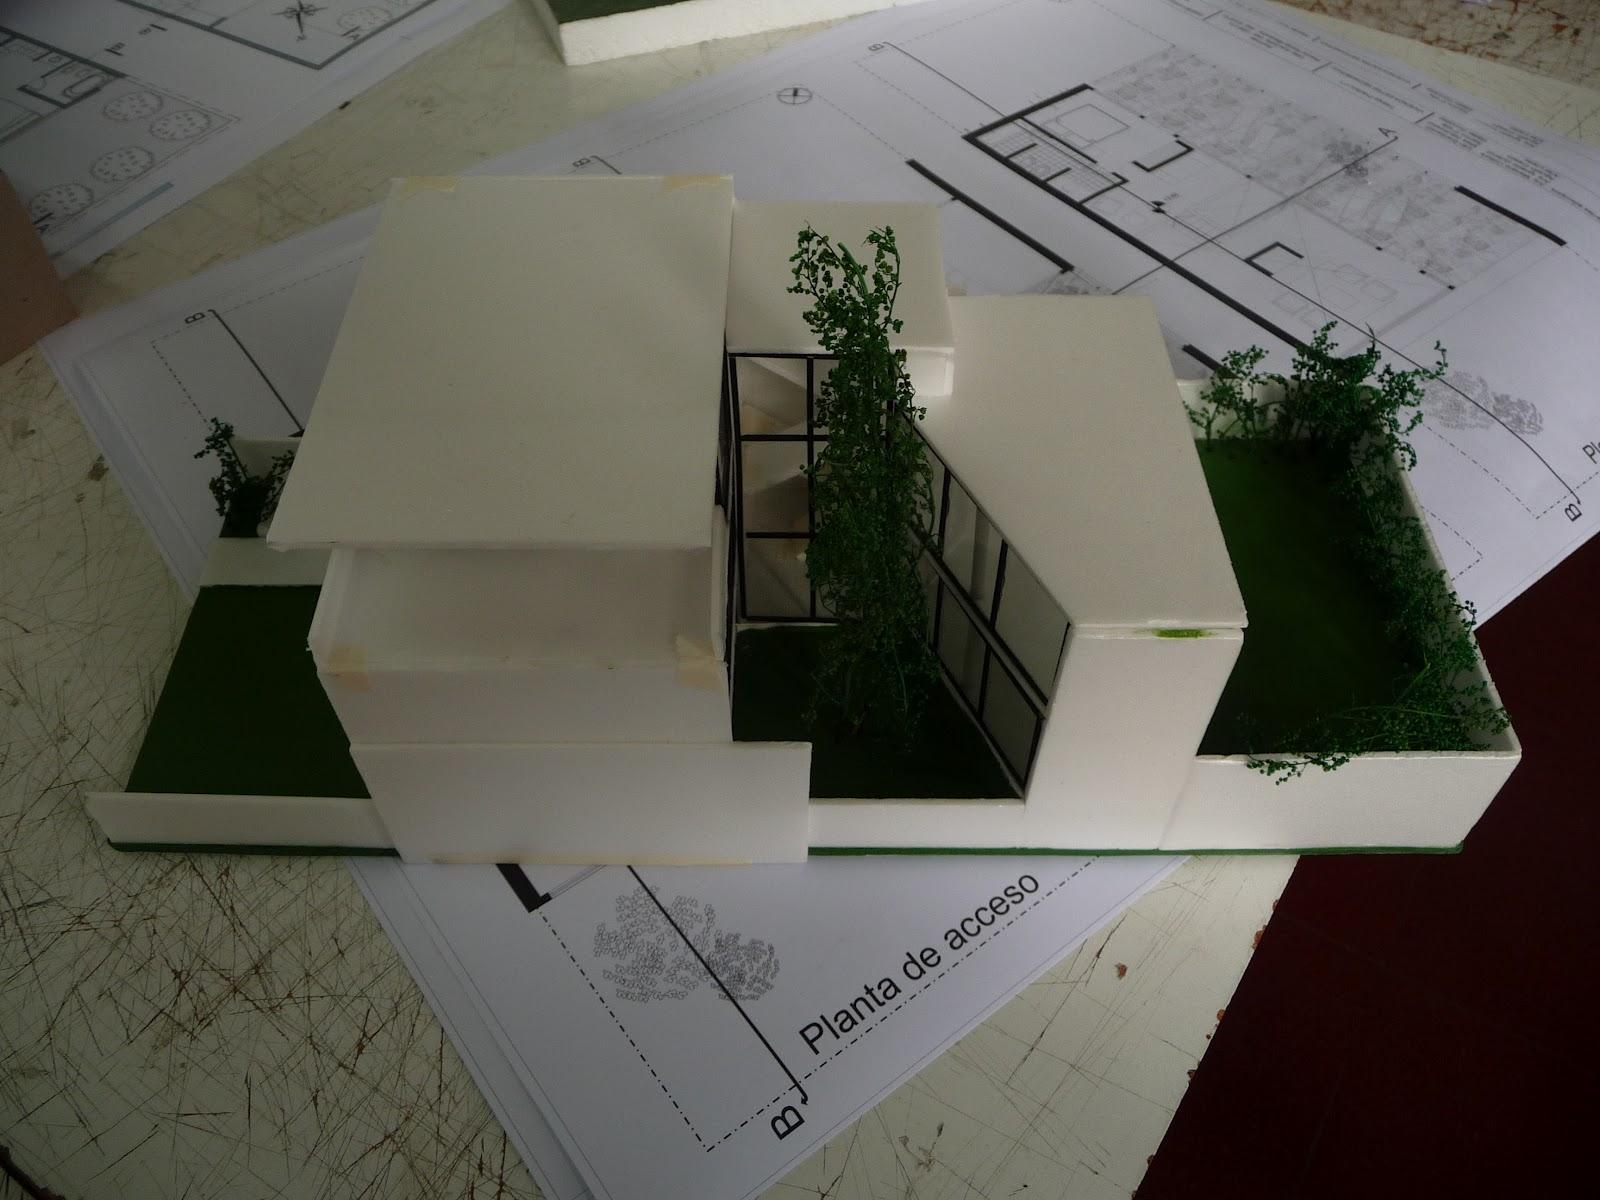 Tp 1 vivienda entre medianeras dise o 1 - Programa diseno vivienda ...